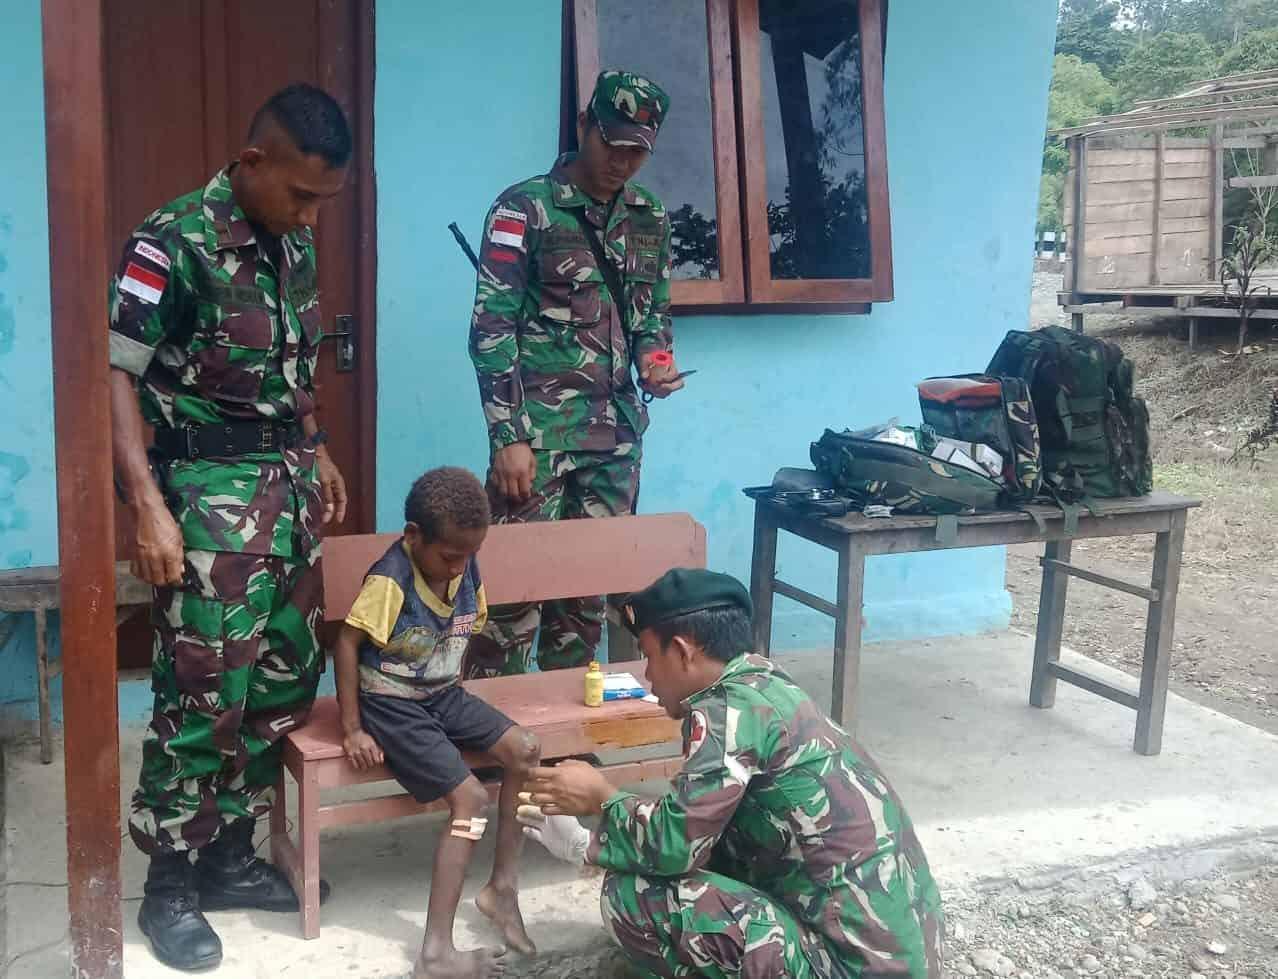 Pengobatan Keliling di Distrik Waris, Satgas Yonif R 300 Peduli Warga Papua